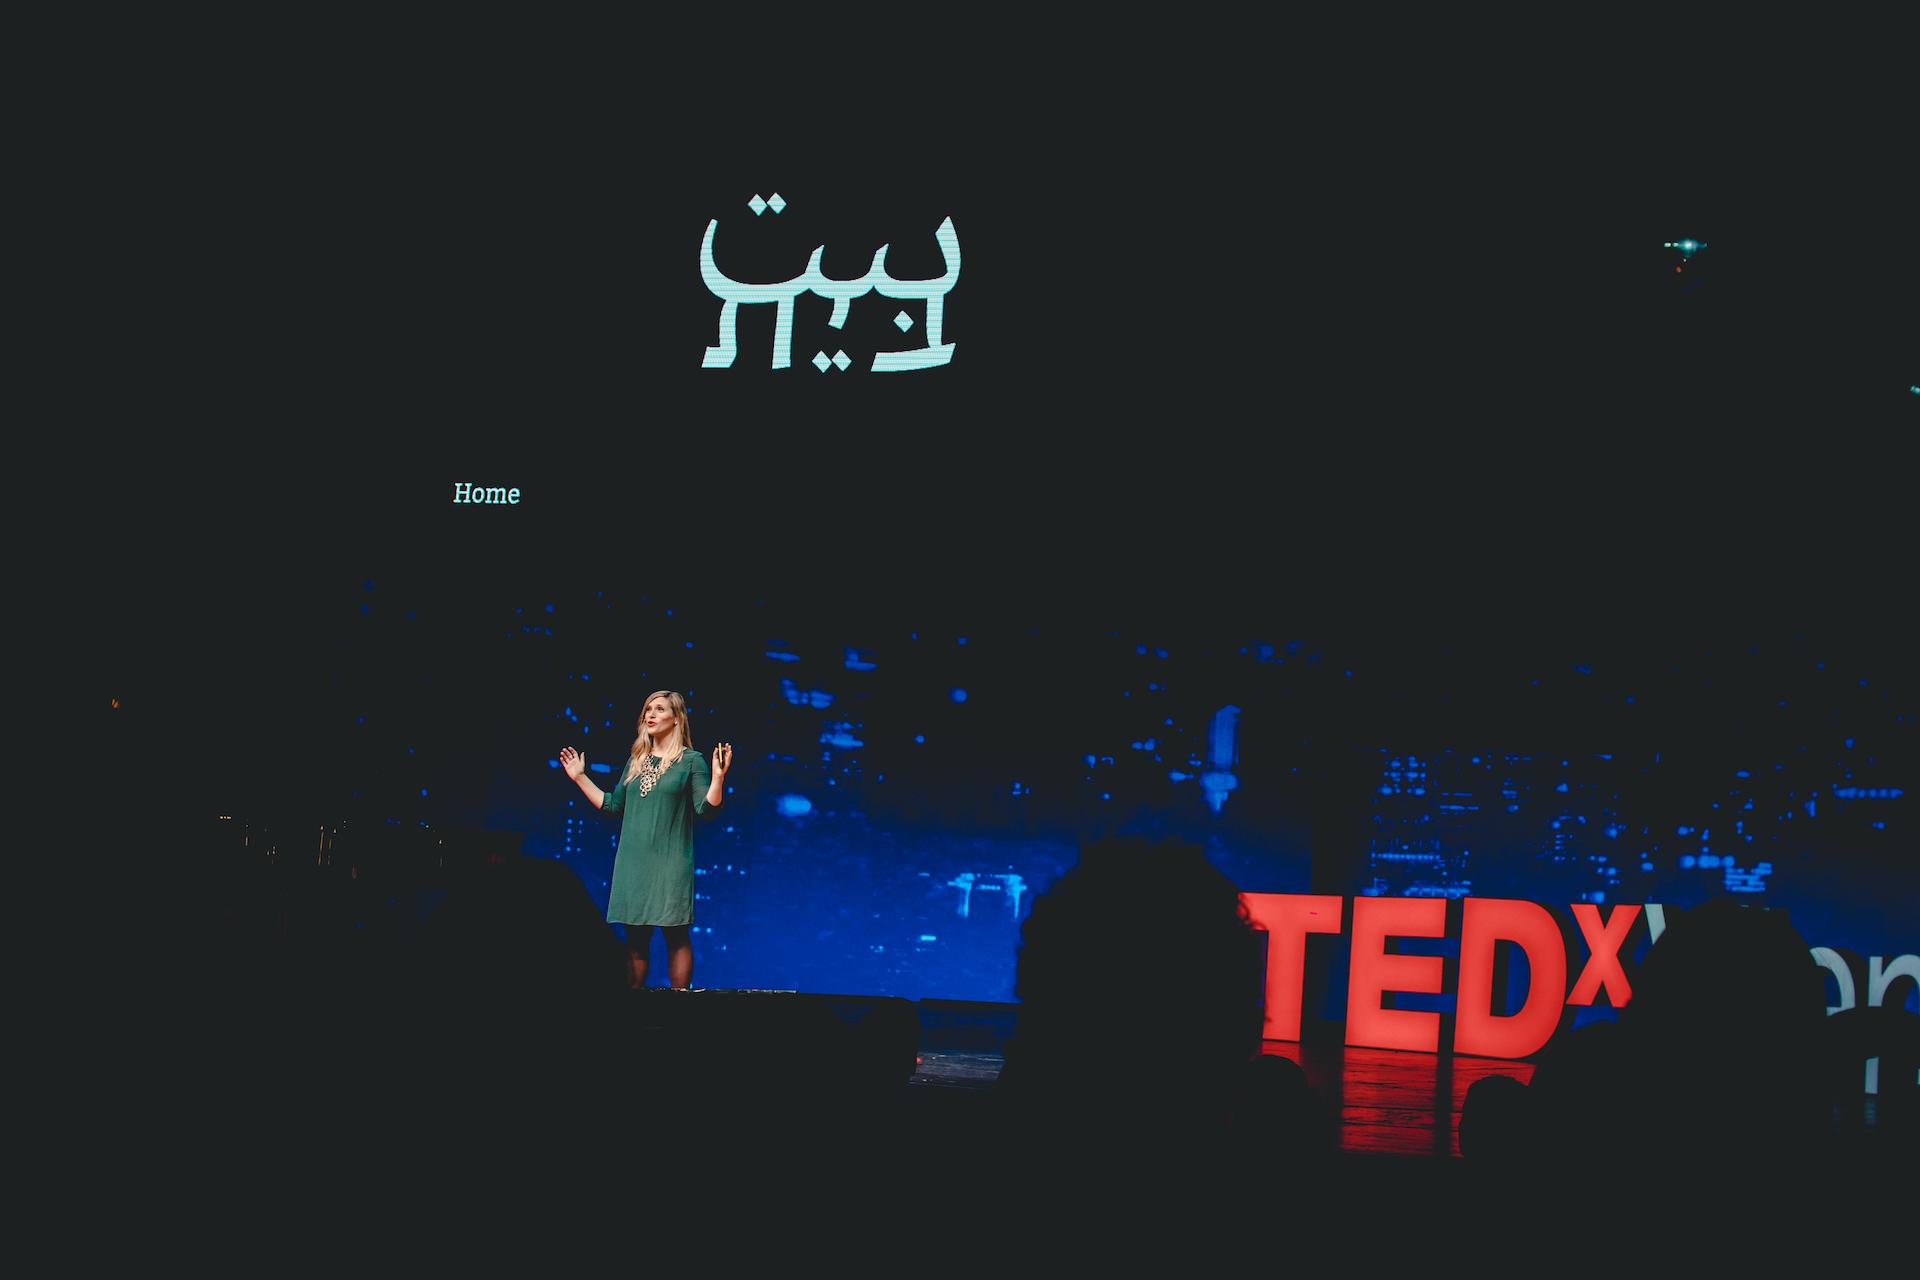 לירון לביא טורקניץ׳. צילום: נטליה סנדר